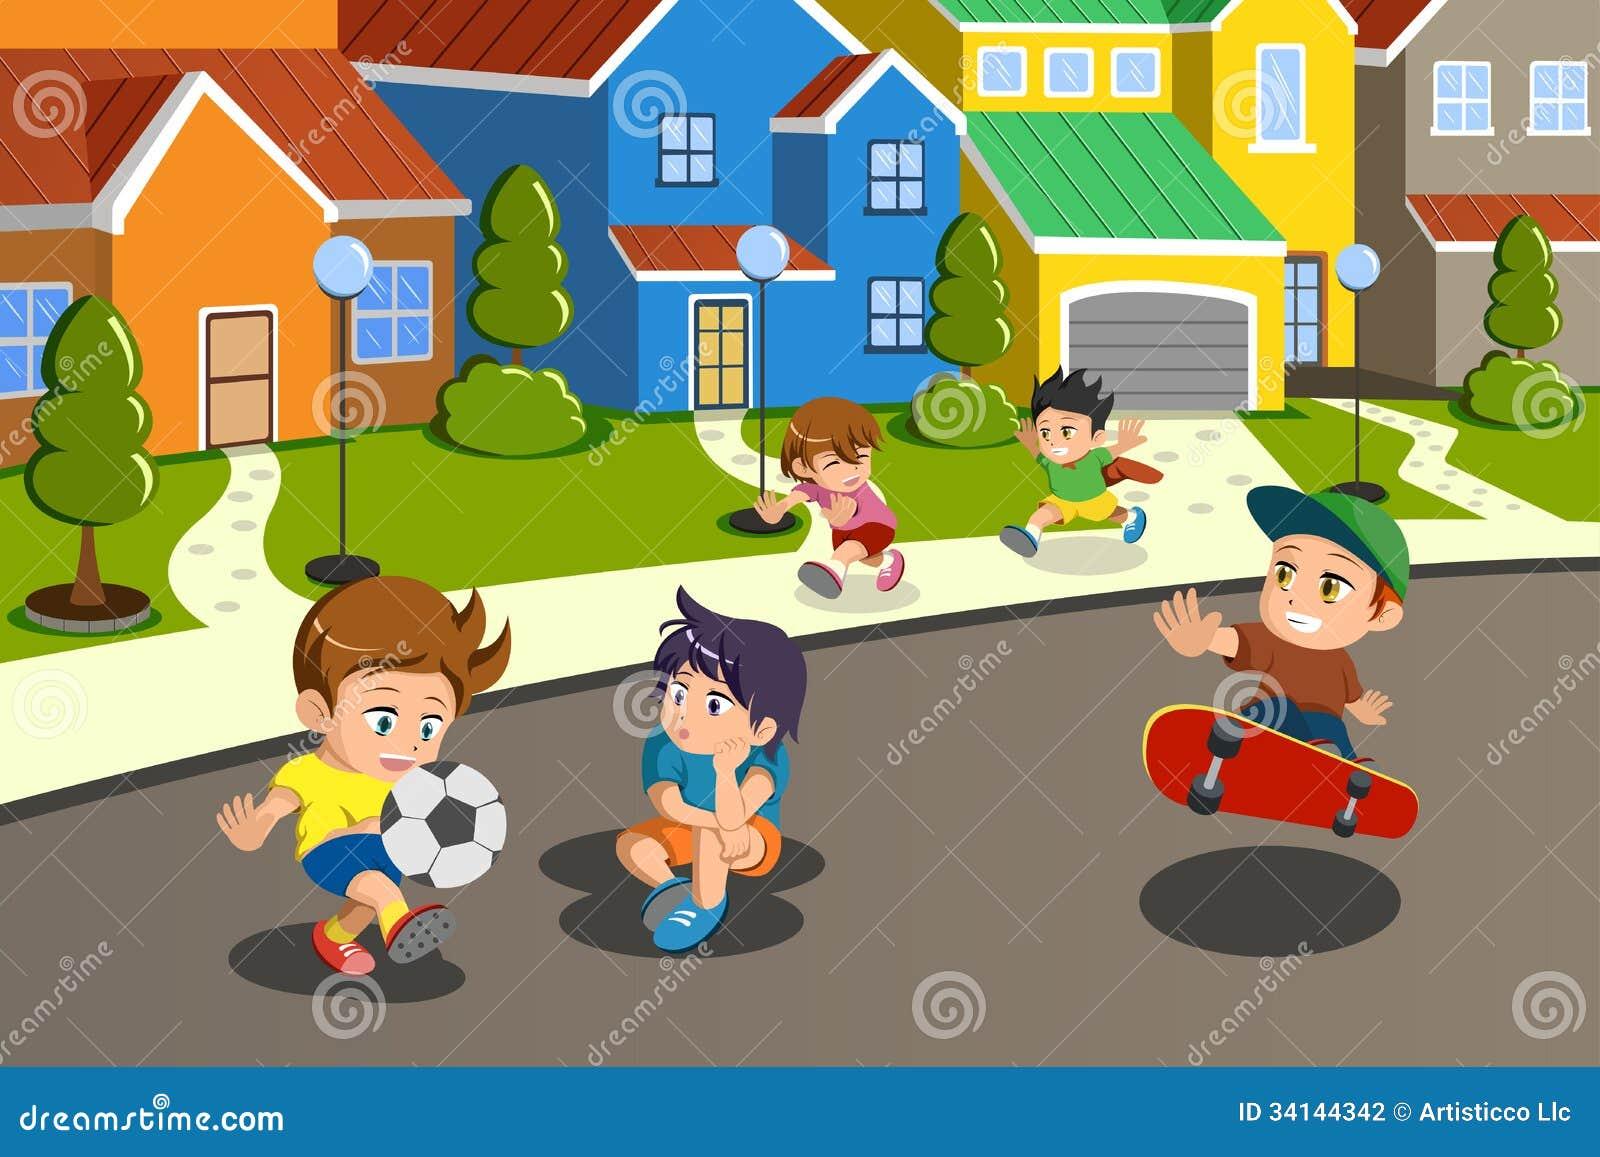 картинки для детей. улица